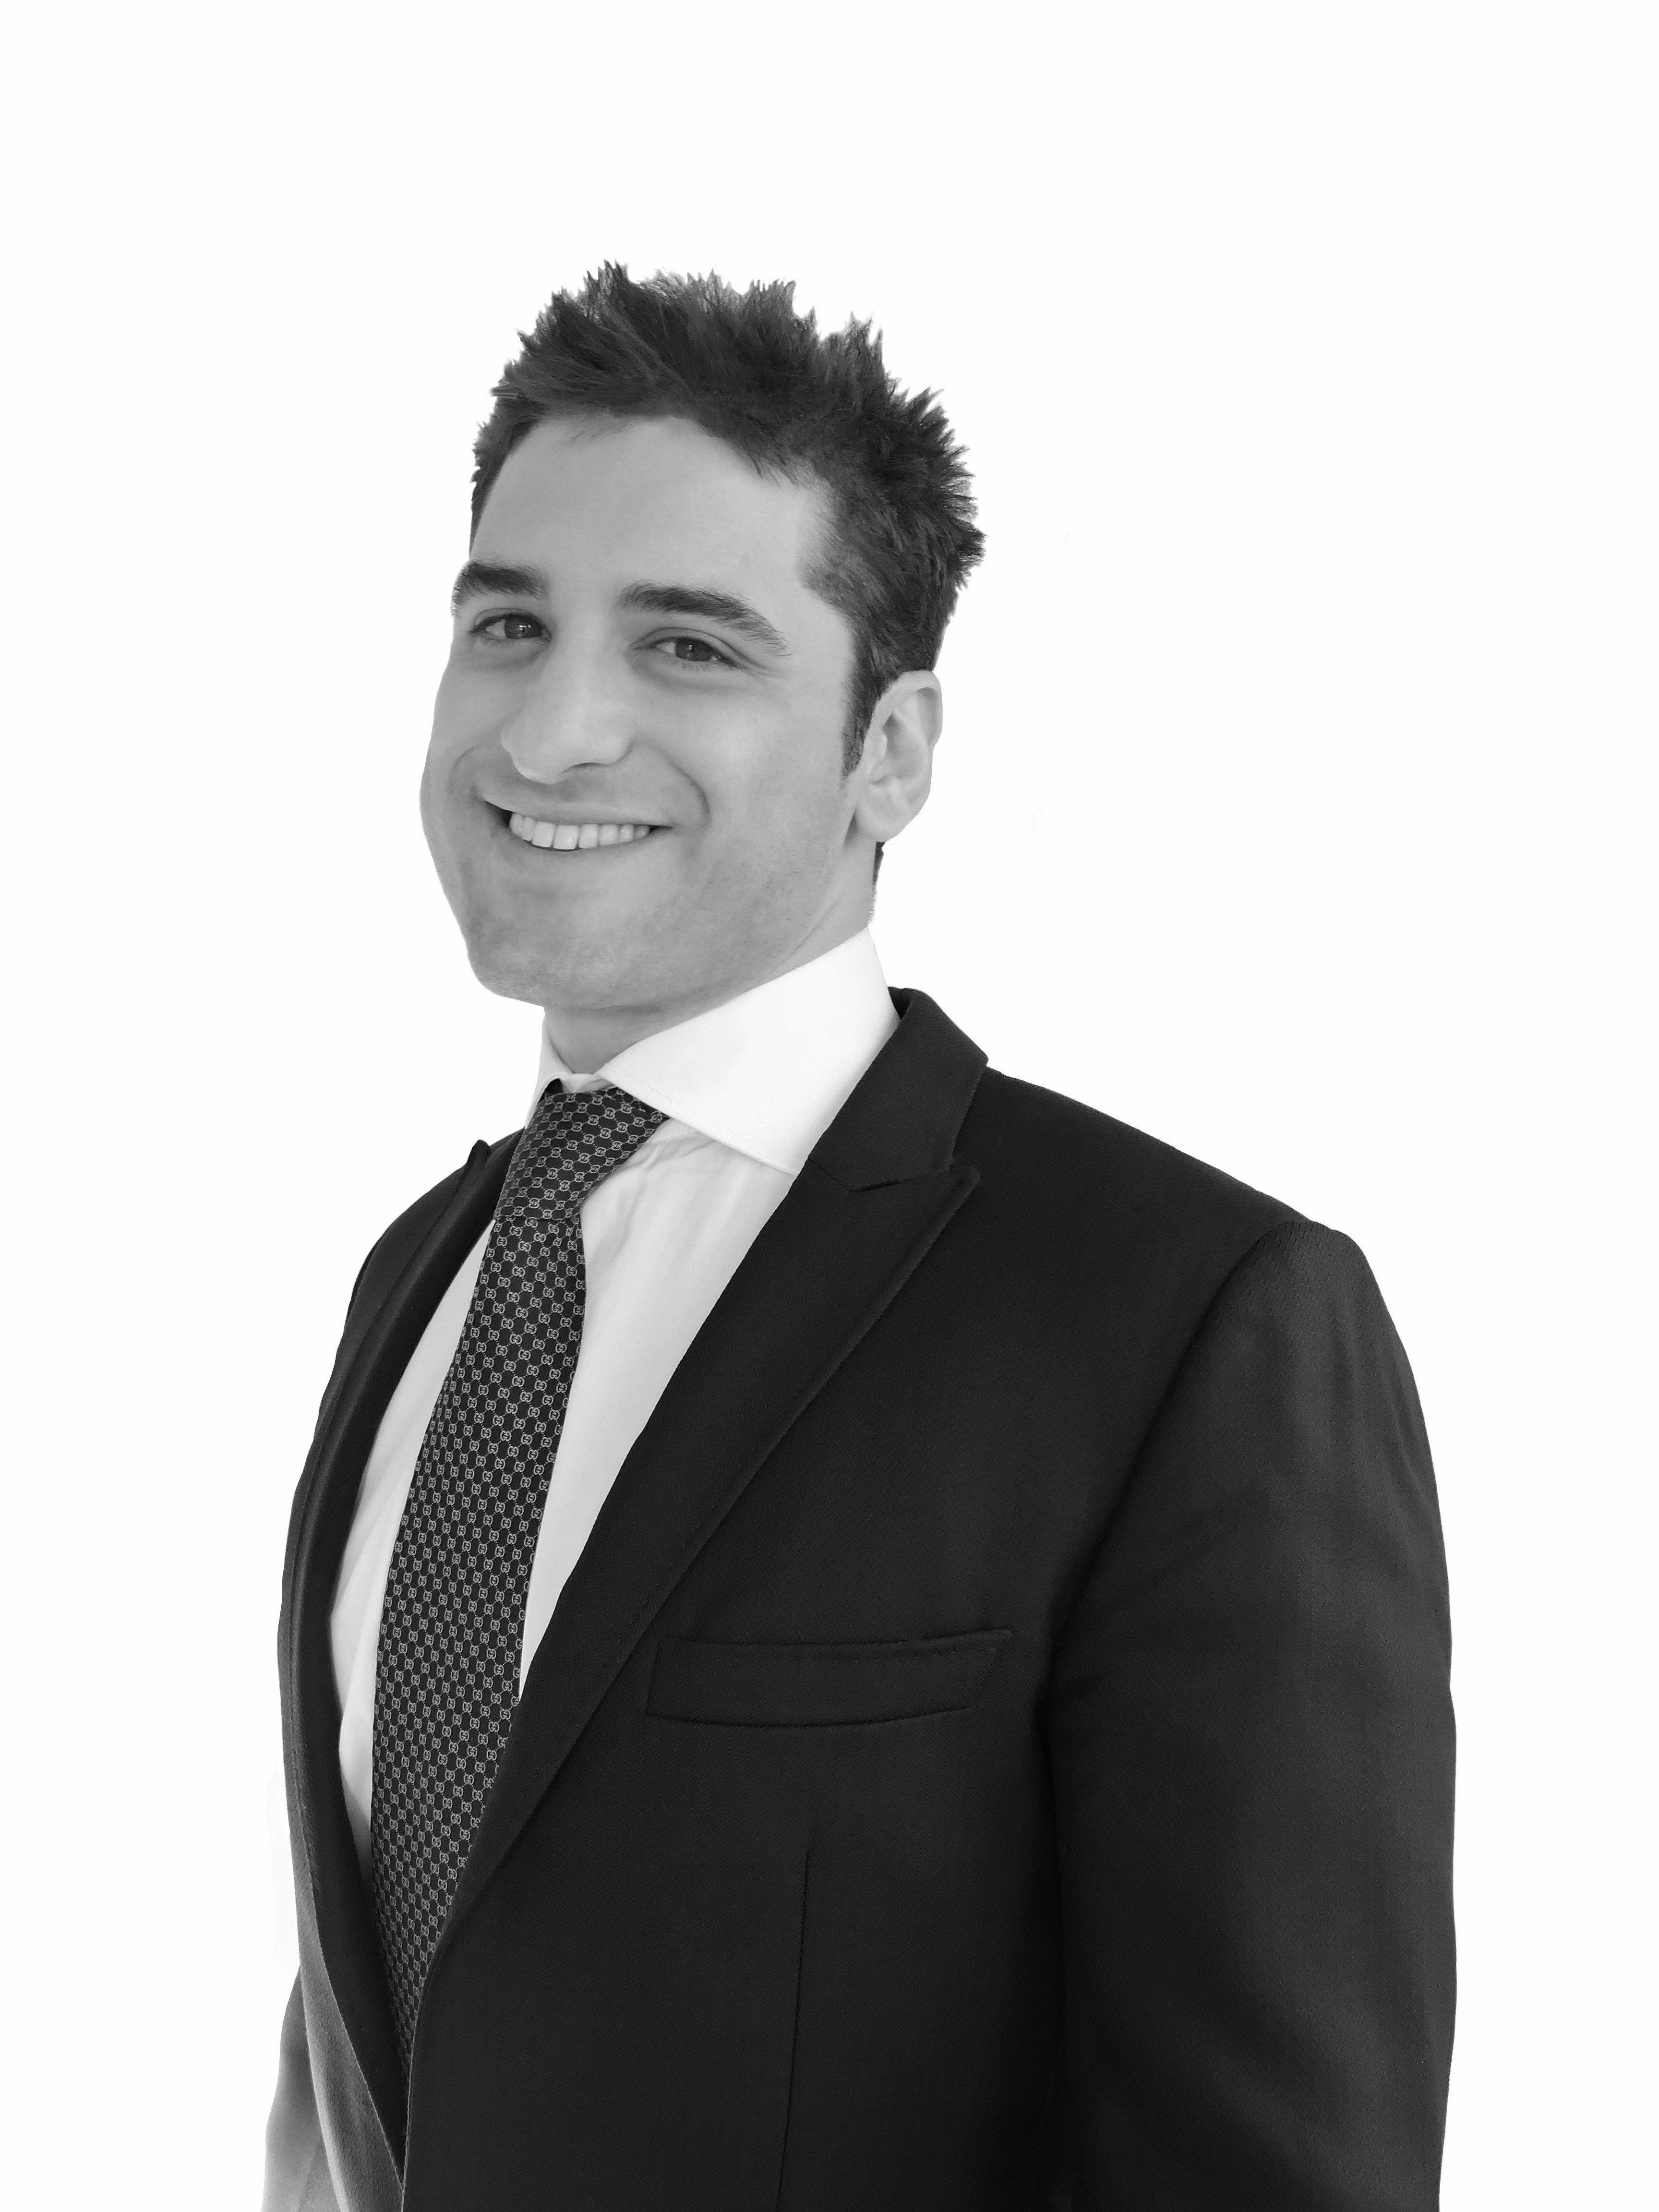 Dr Igino Moffa Marchetti, Chartered Accountant